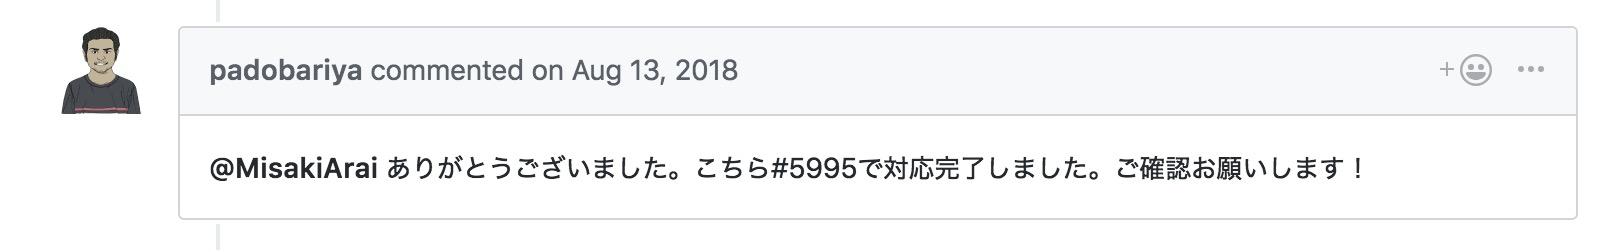 ss 2019-01-09 at 15 29 50